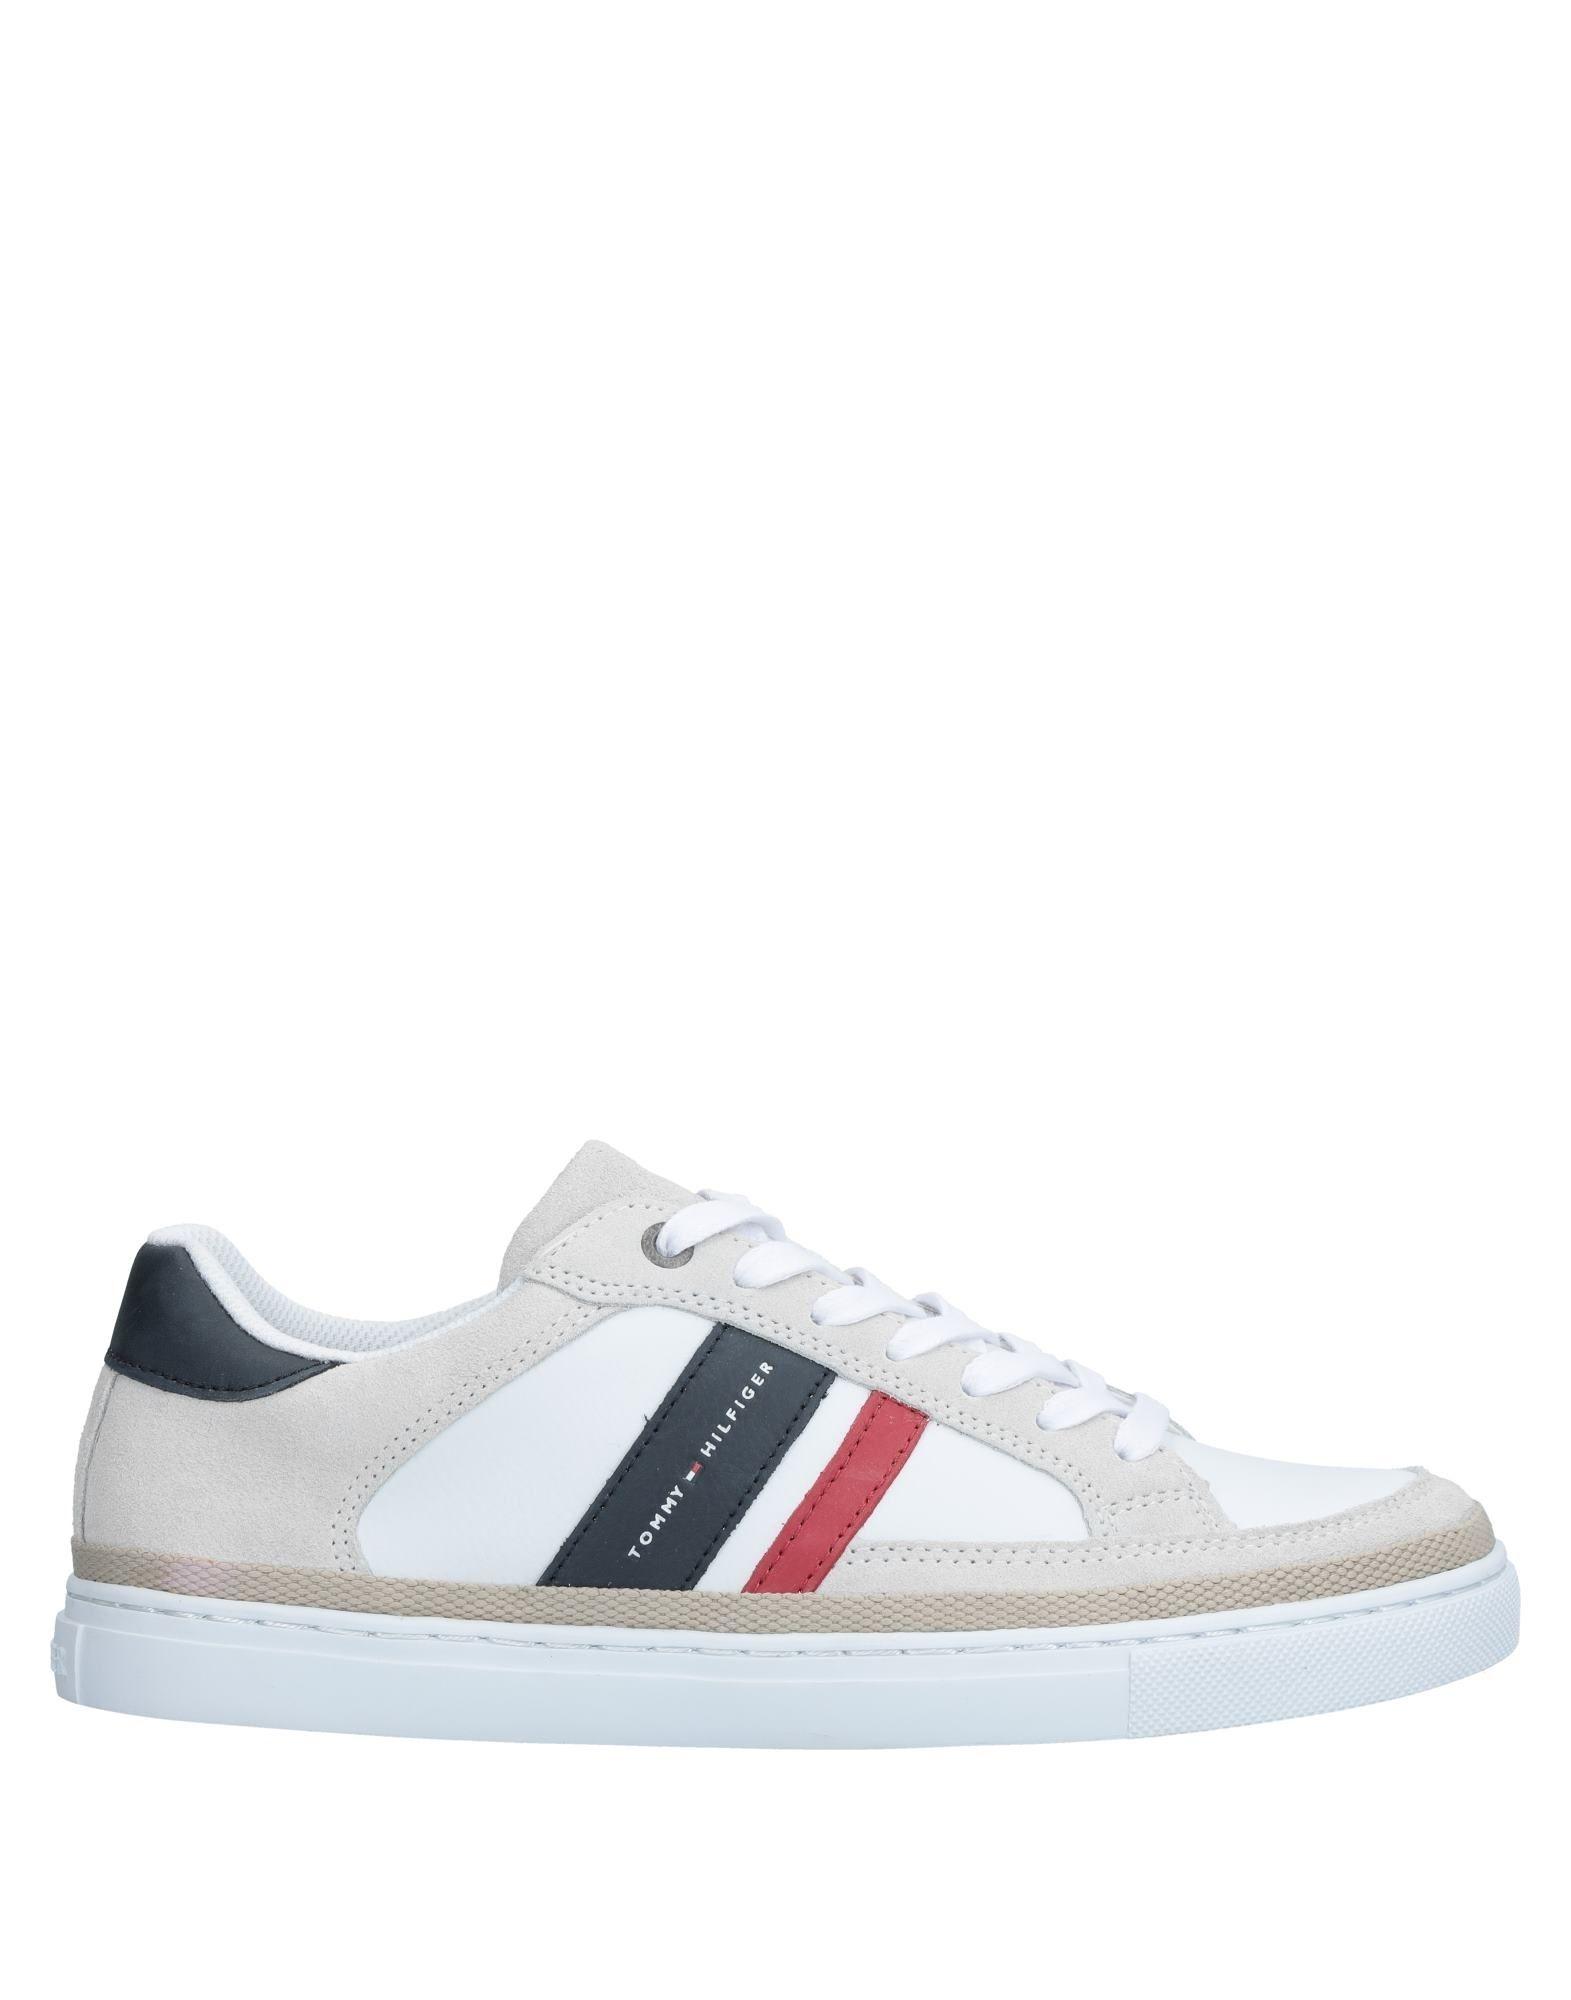 Tommy Hilfiger Sneakers - Men Tommy Hilfiger Canada Sneakers online on  Canada Hilfiger - 11542776RW 30297c